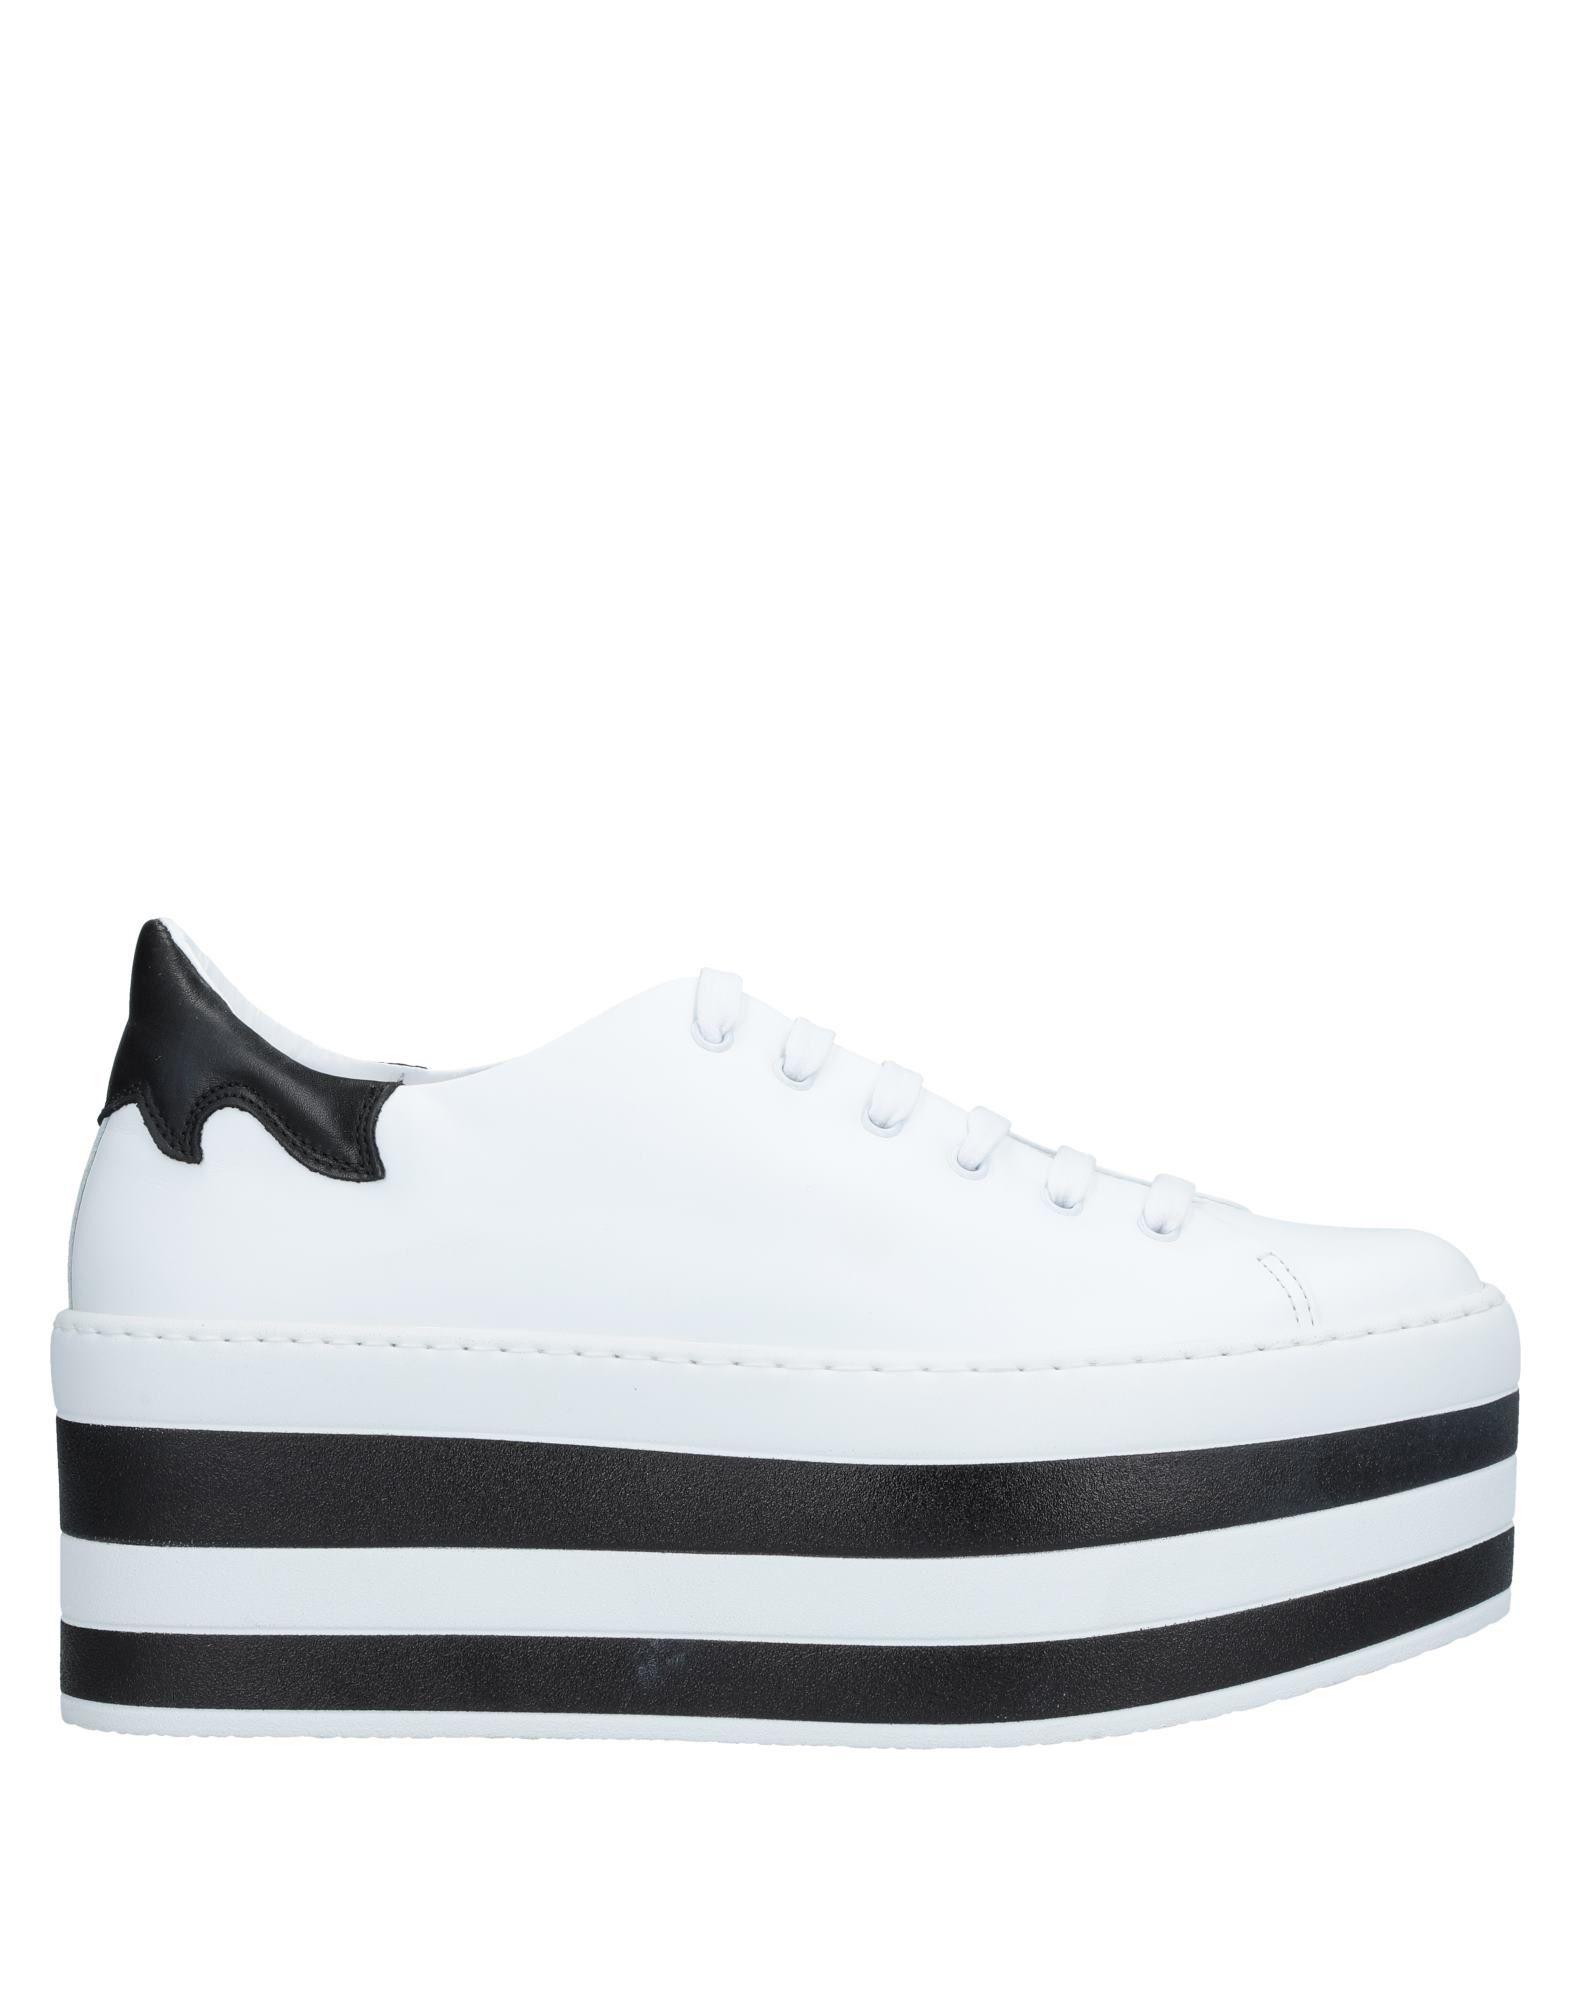 Fiamme Sneakers Damen  11525984JV Gute Qualität beliebte Schuhe